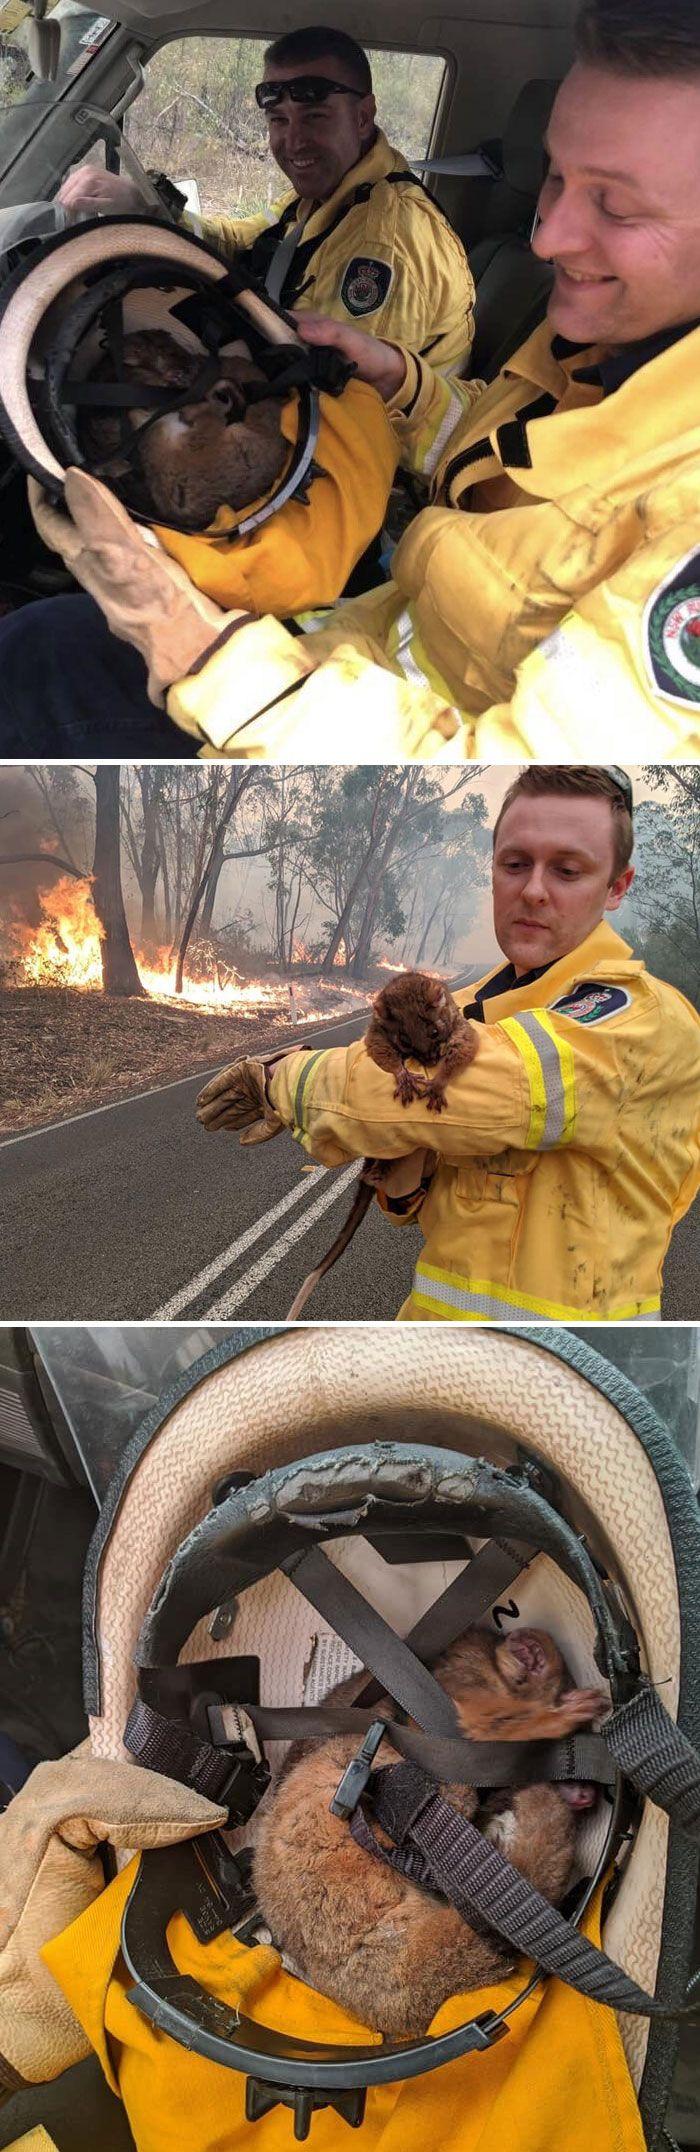 36 imagens que mostram os horrores dos incêndios na Austrália 34